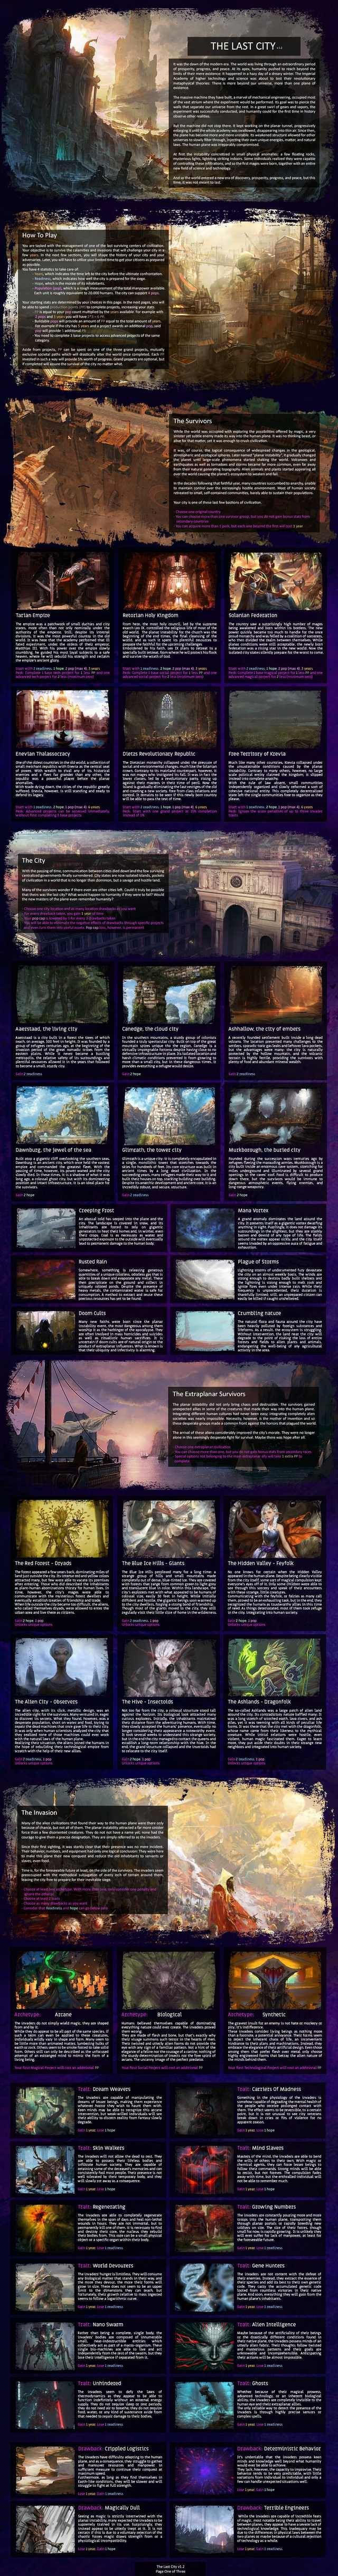 Magical Realm CYOA   Cyoa   Cyoa, Diy games, Dungeons, dragons